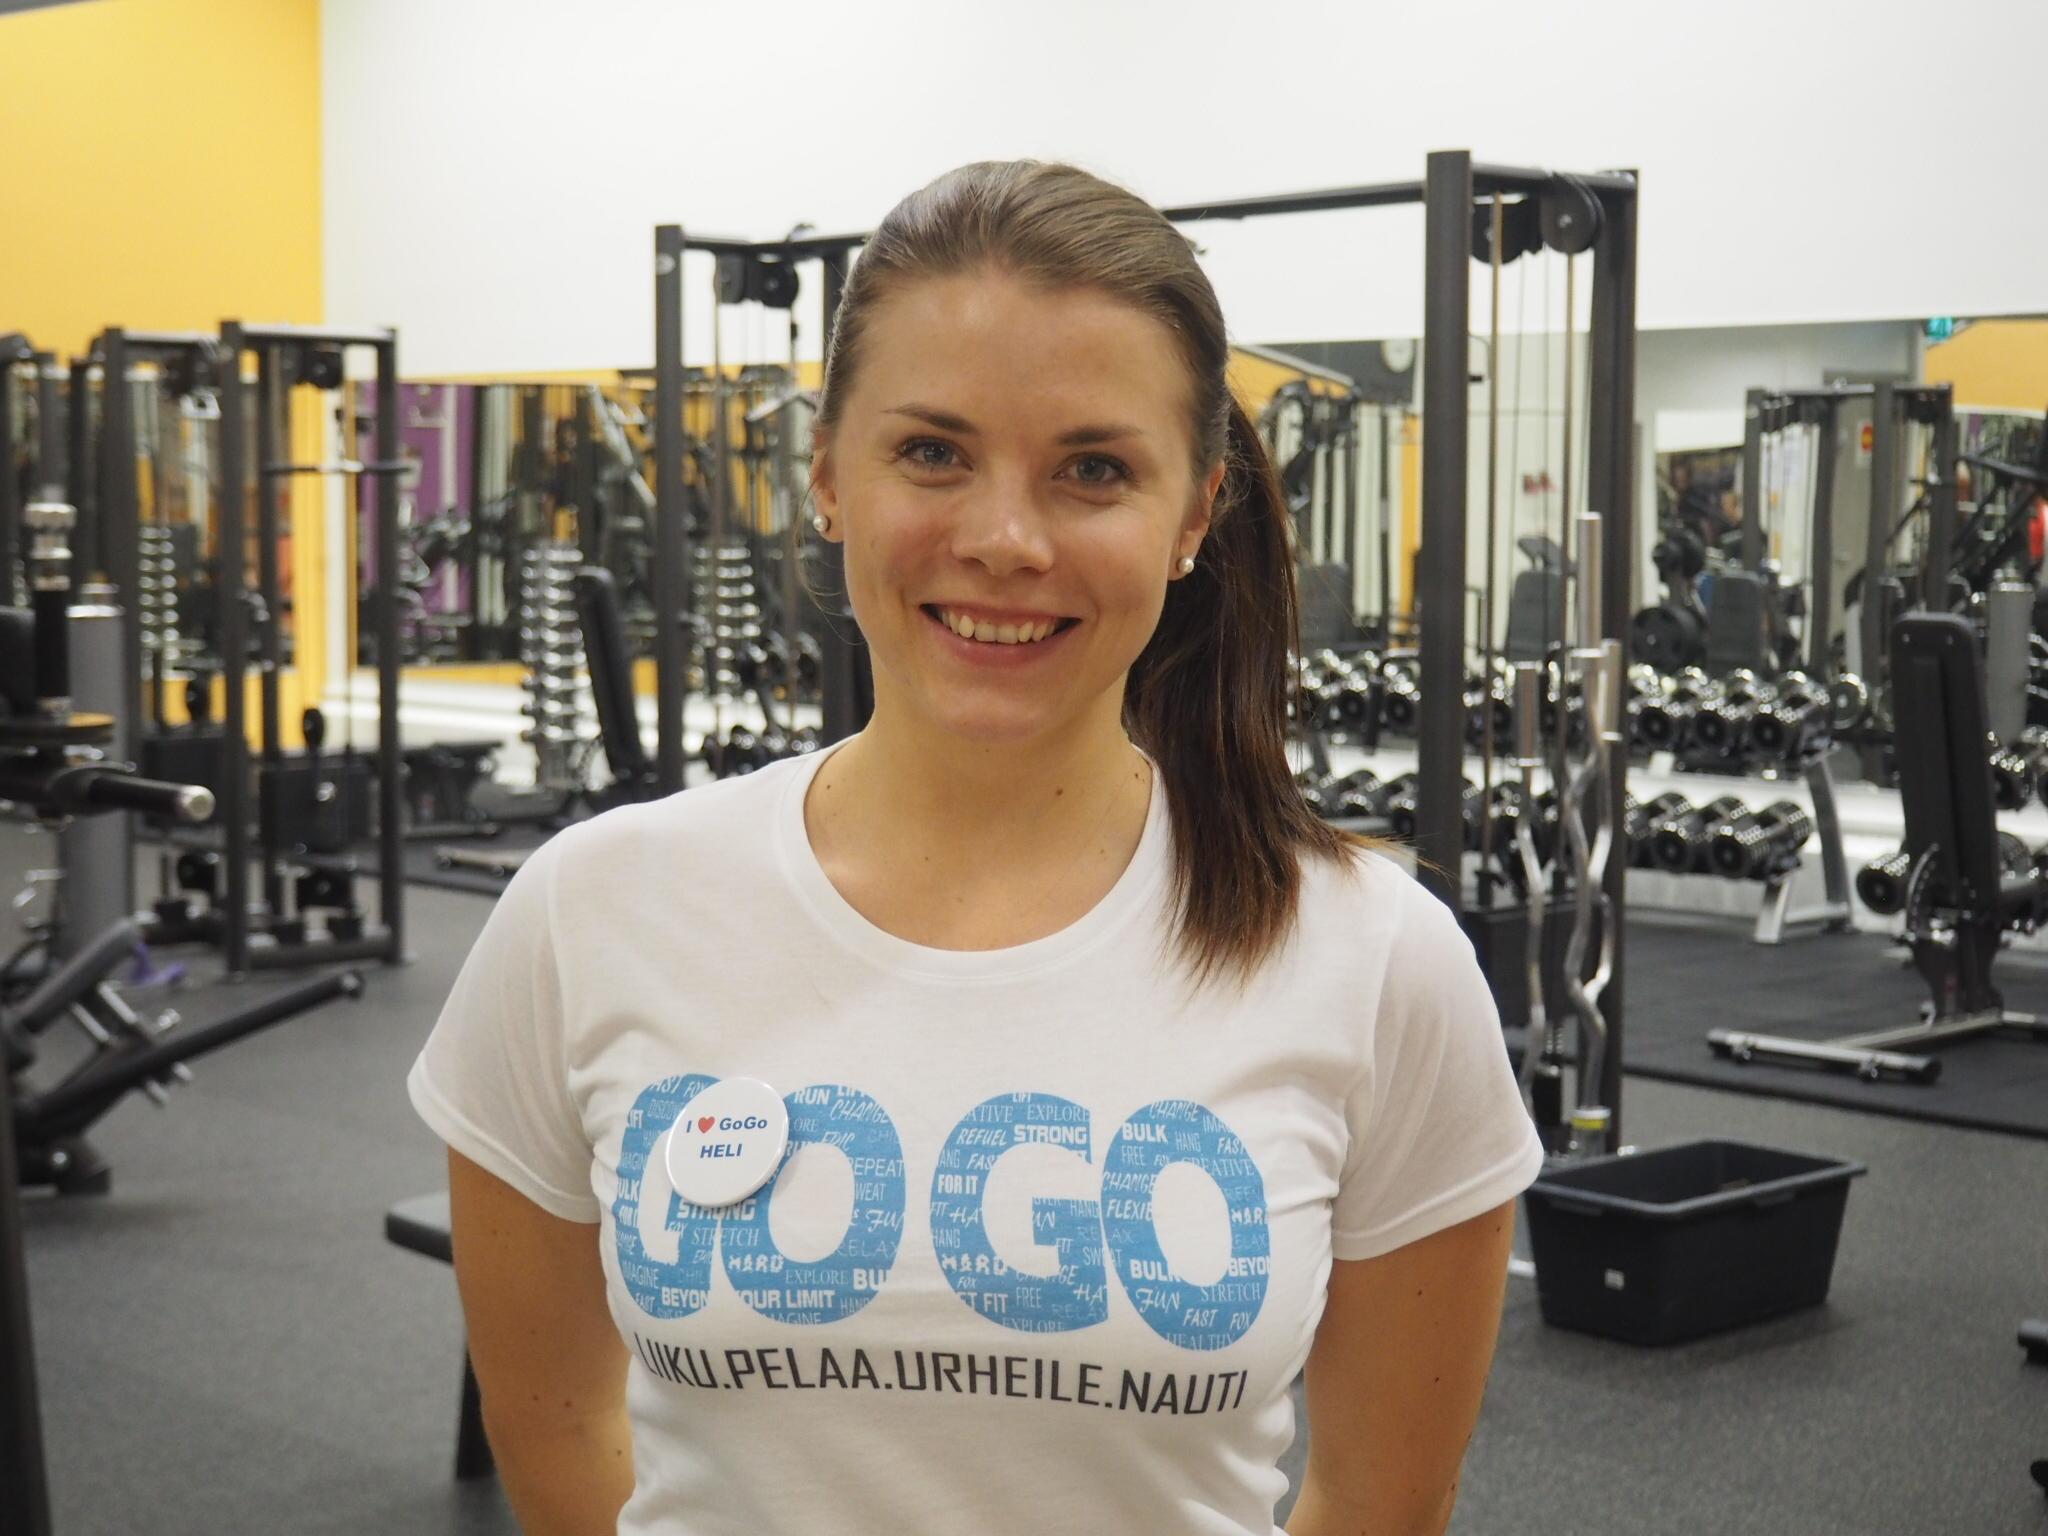 gogo personal trainer kokemuksia Iisalmi